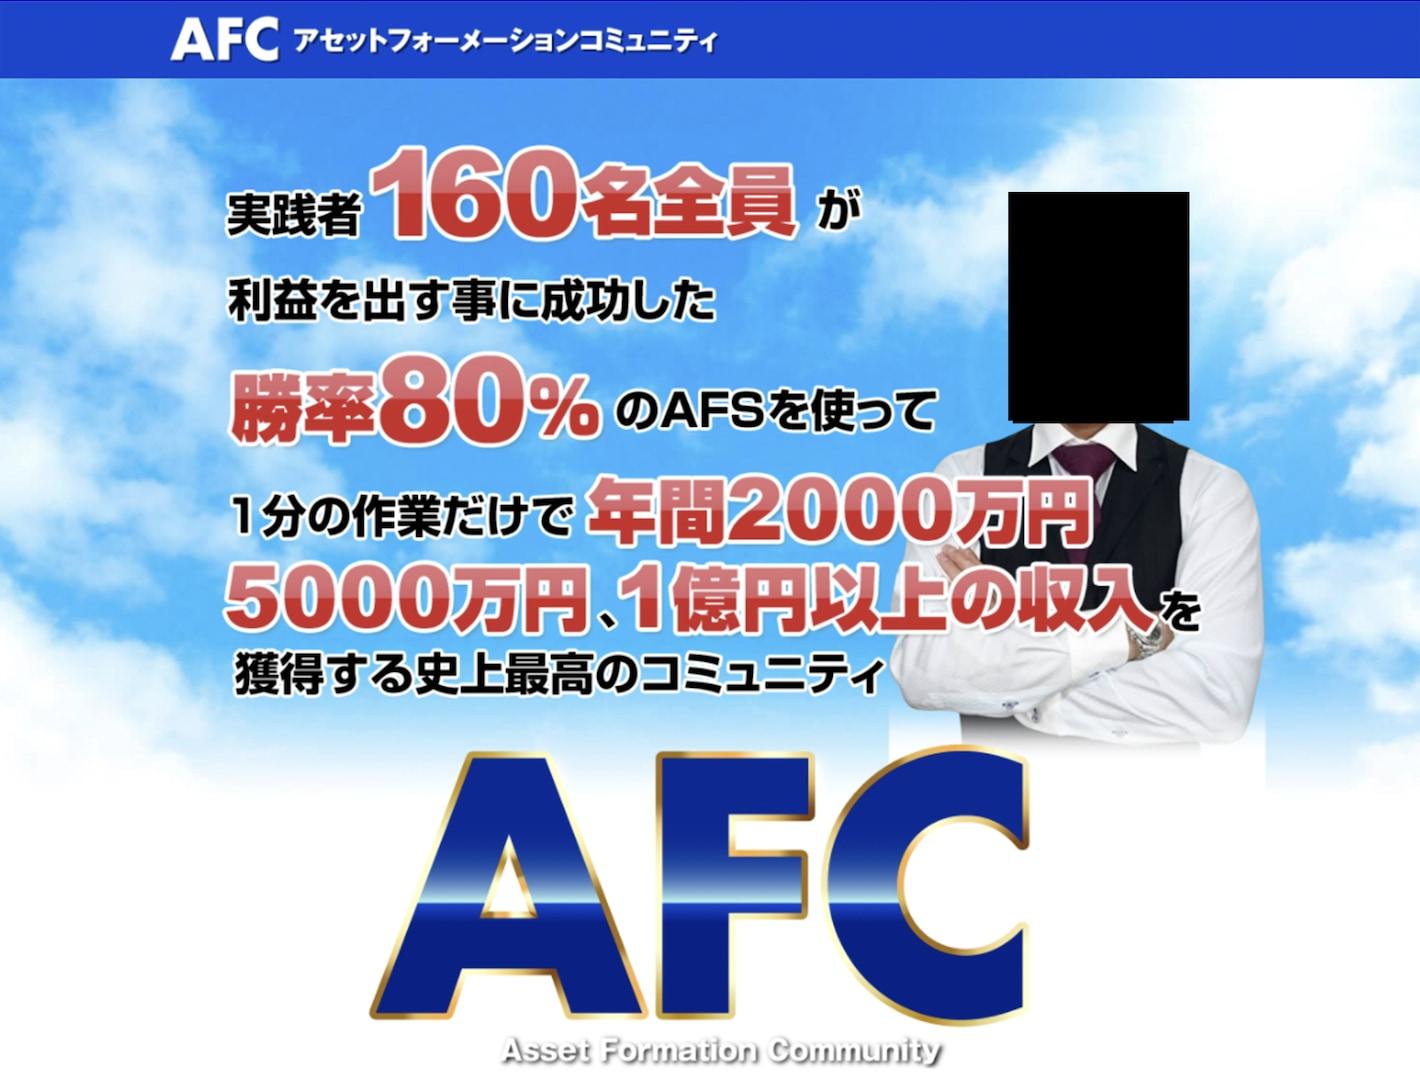 アセットフォーメーションコミュニティ(AFC) 株式会社アドバンス